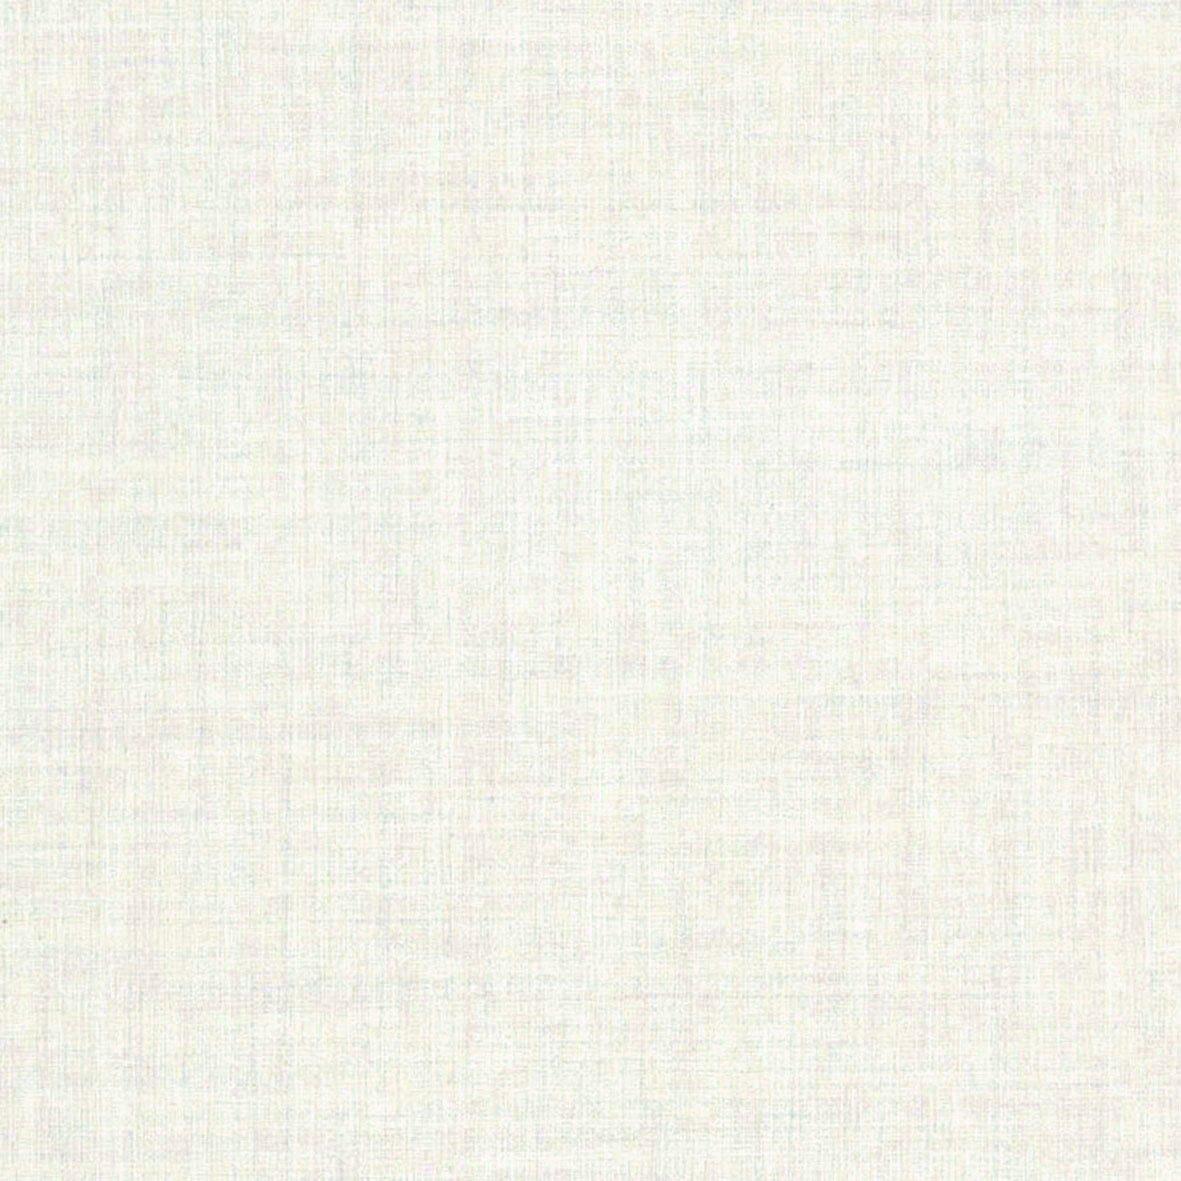 リリカラ 壁紙30m ナチュラル 織物調 ベージュ LL-8542 B01N3T5TCC 30m|ベージュ